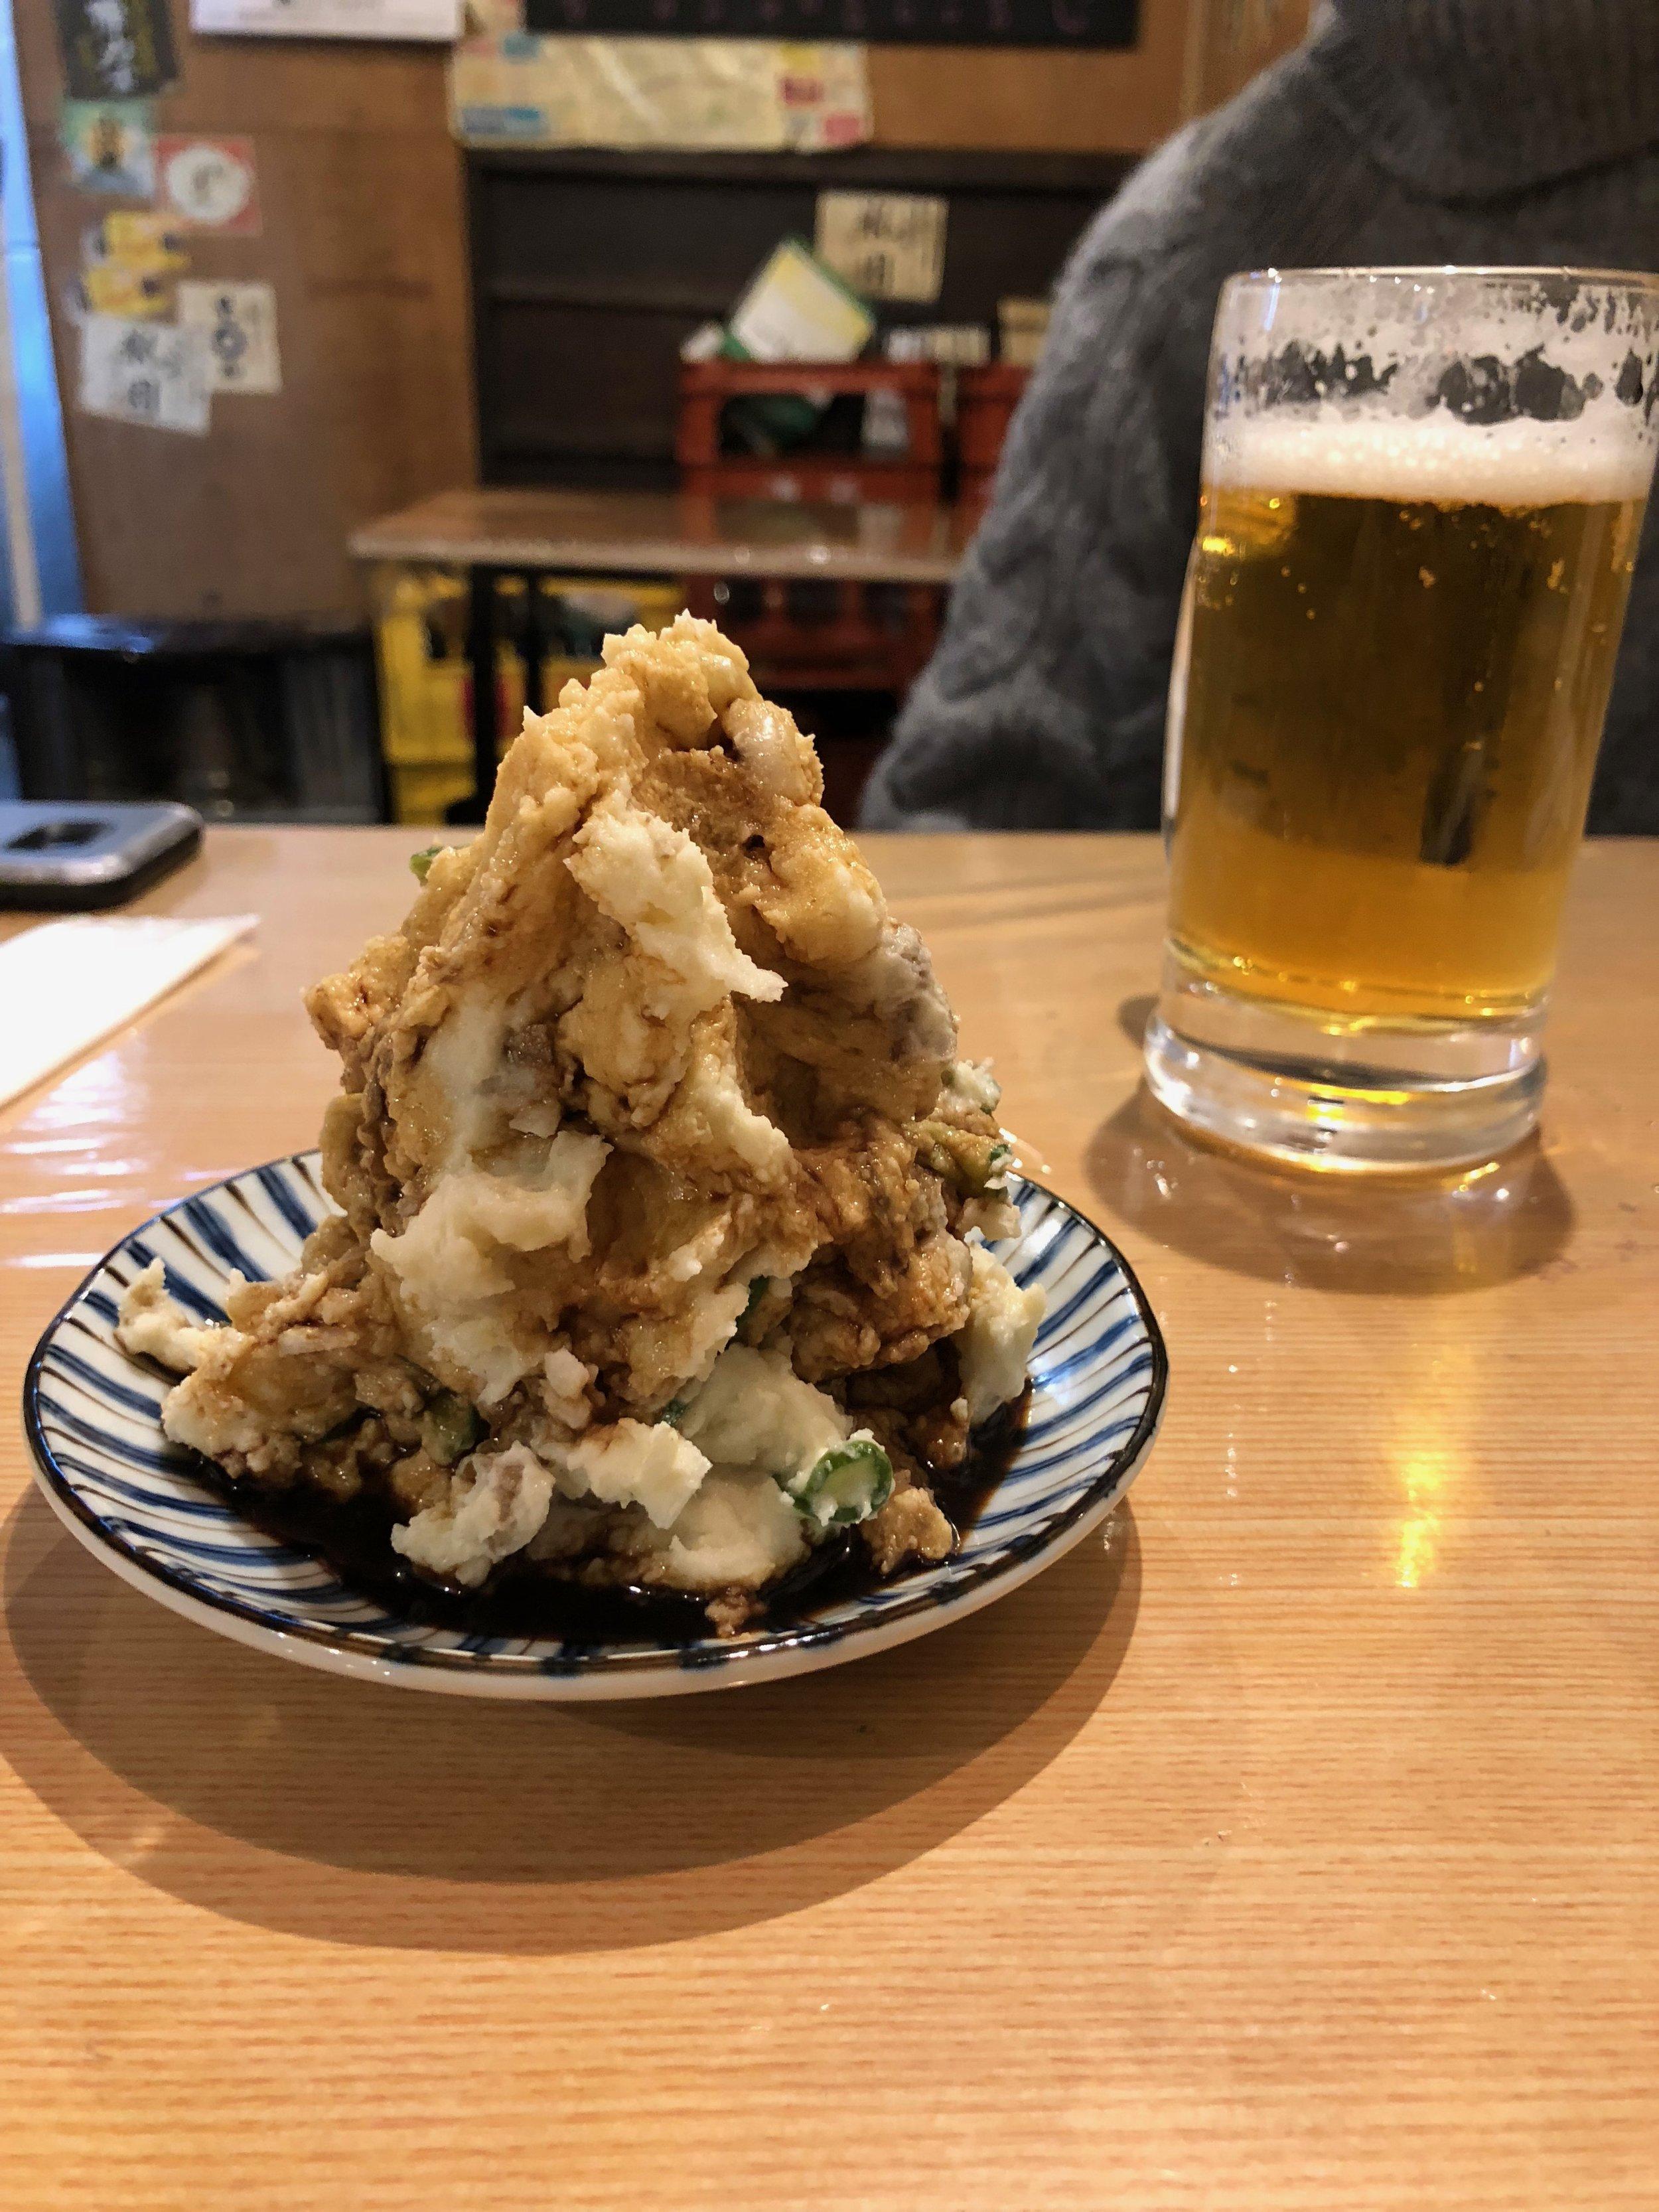 ¡Una montaña de puré! Mejor dicho ensalada de puré porque también había cebolla verde adentro. Servido con salsa soya.